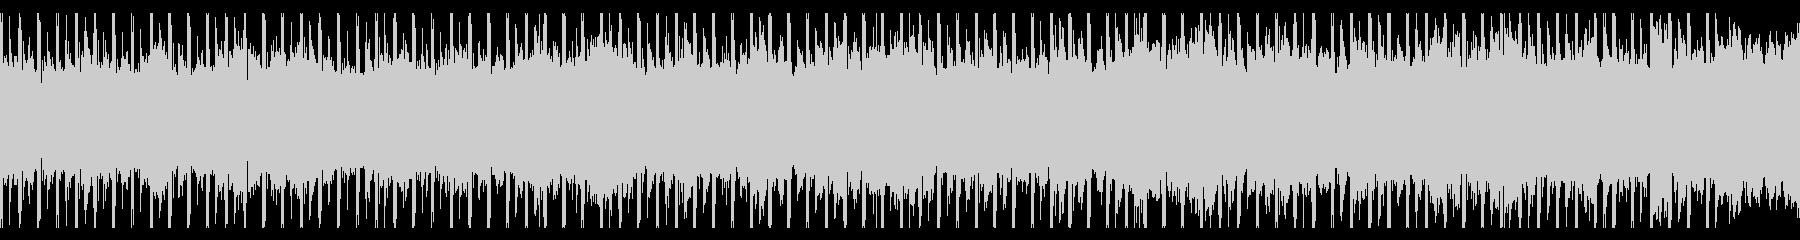 あなたの中のモチベーション(ループ)の未再生の波形